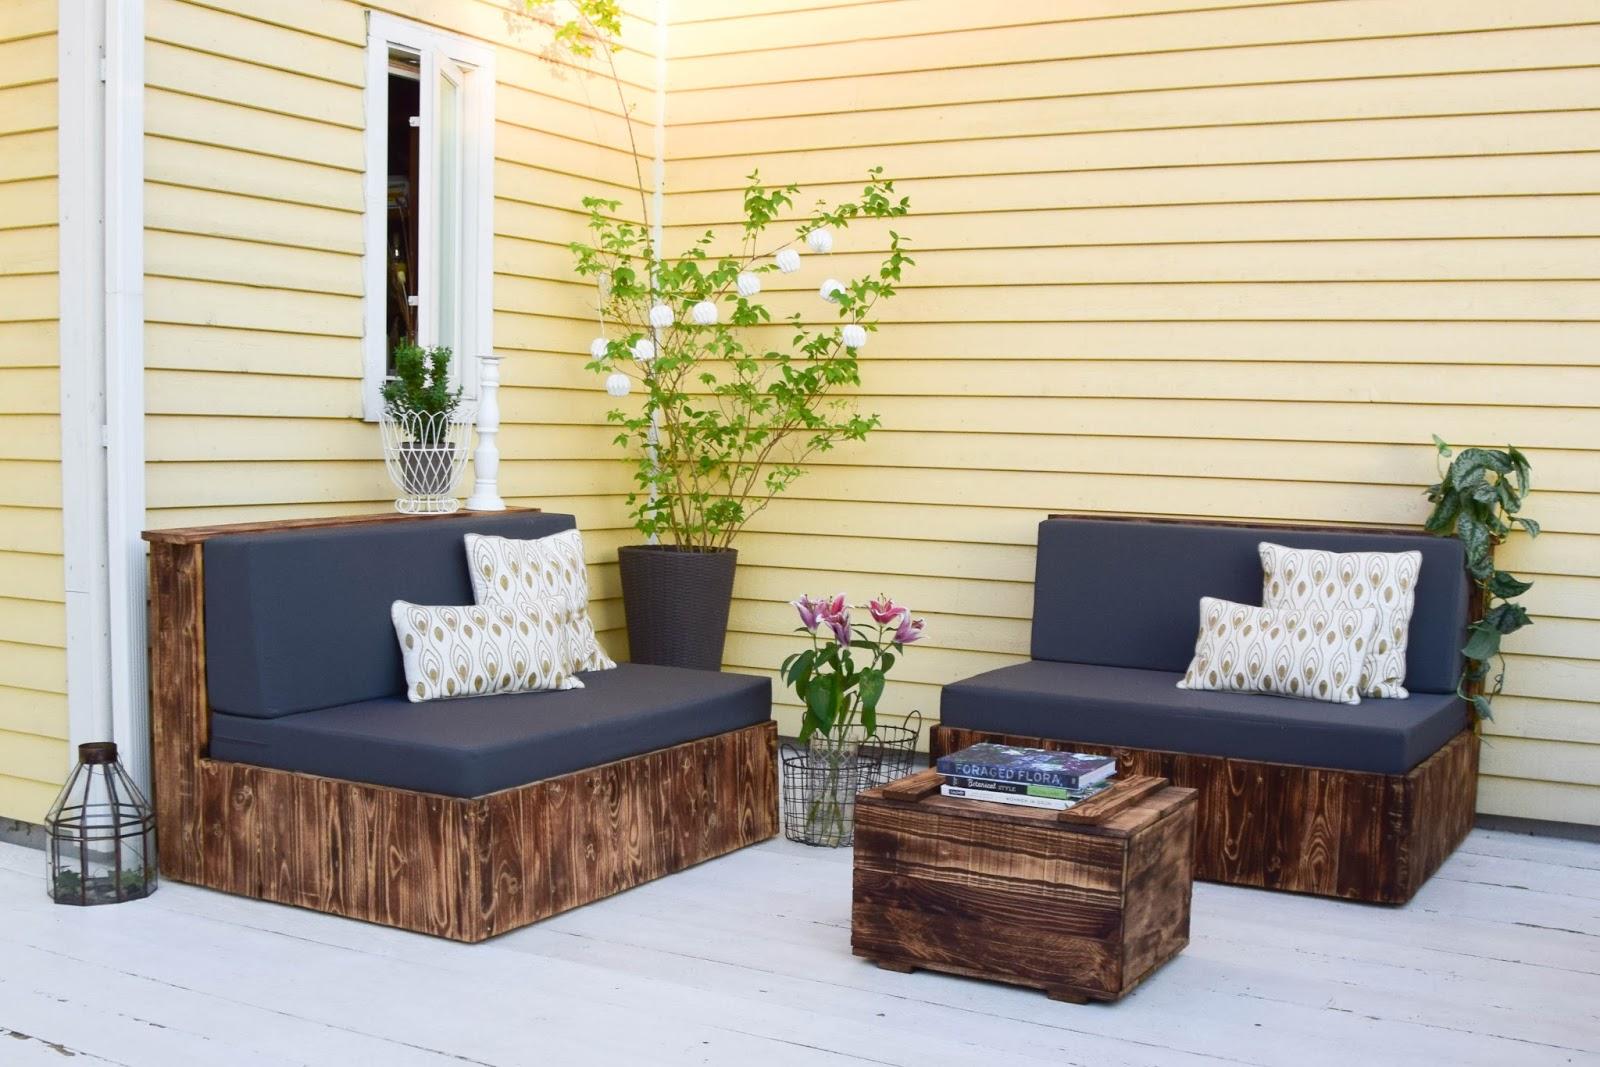 DIY mit Paletten Terrasse selbst gebaut,Terrasse selber bauen, selbermachen